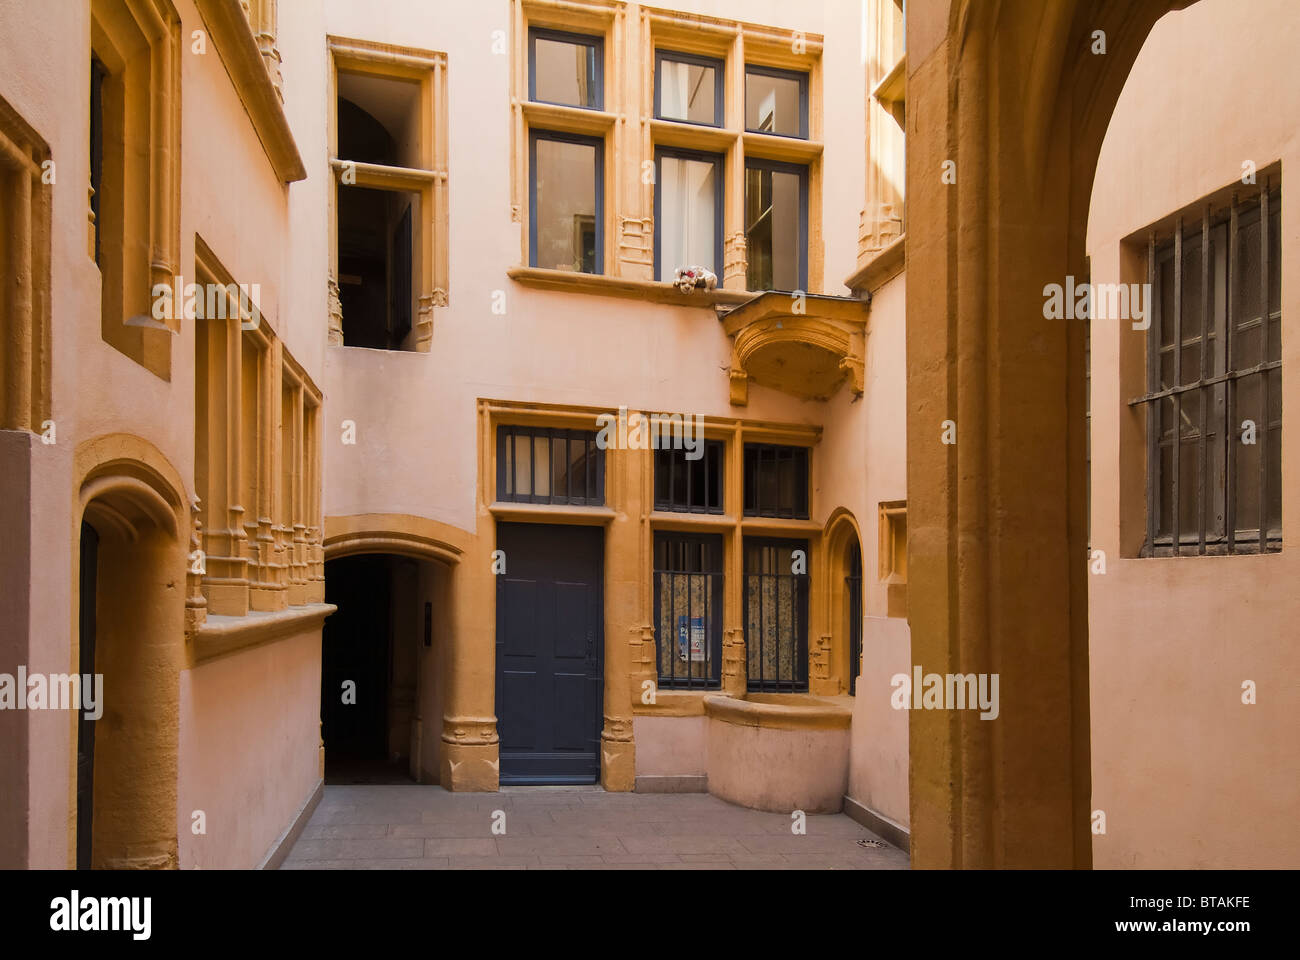 Traboule Hostellerie du Gouvernement, Saint Jean District, Vieux Lyon district, France - Stock Image